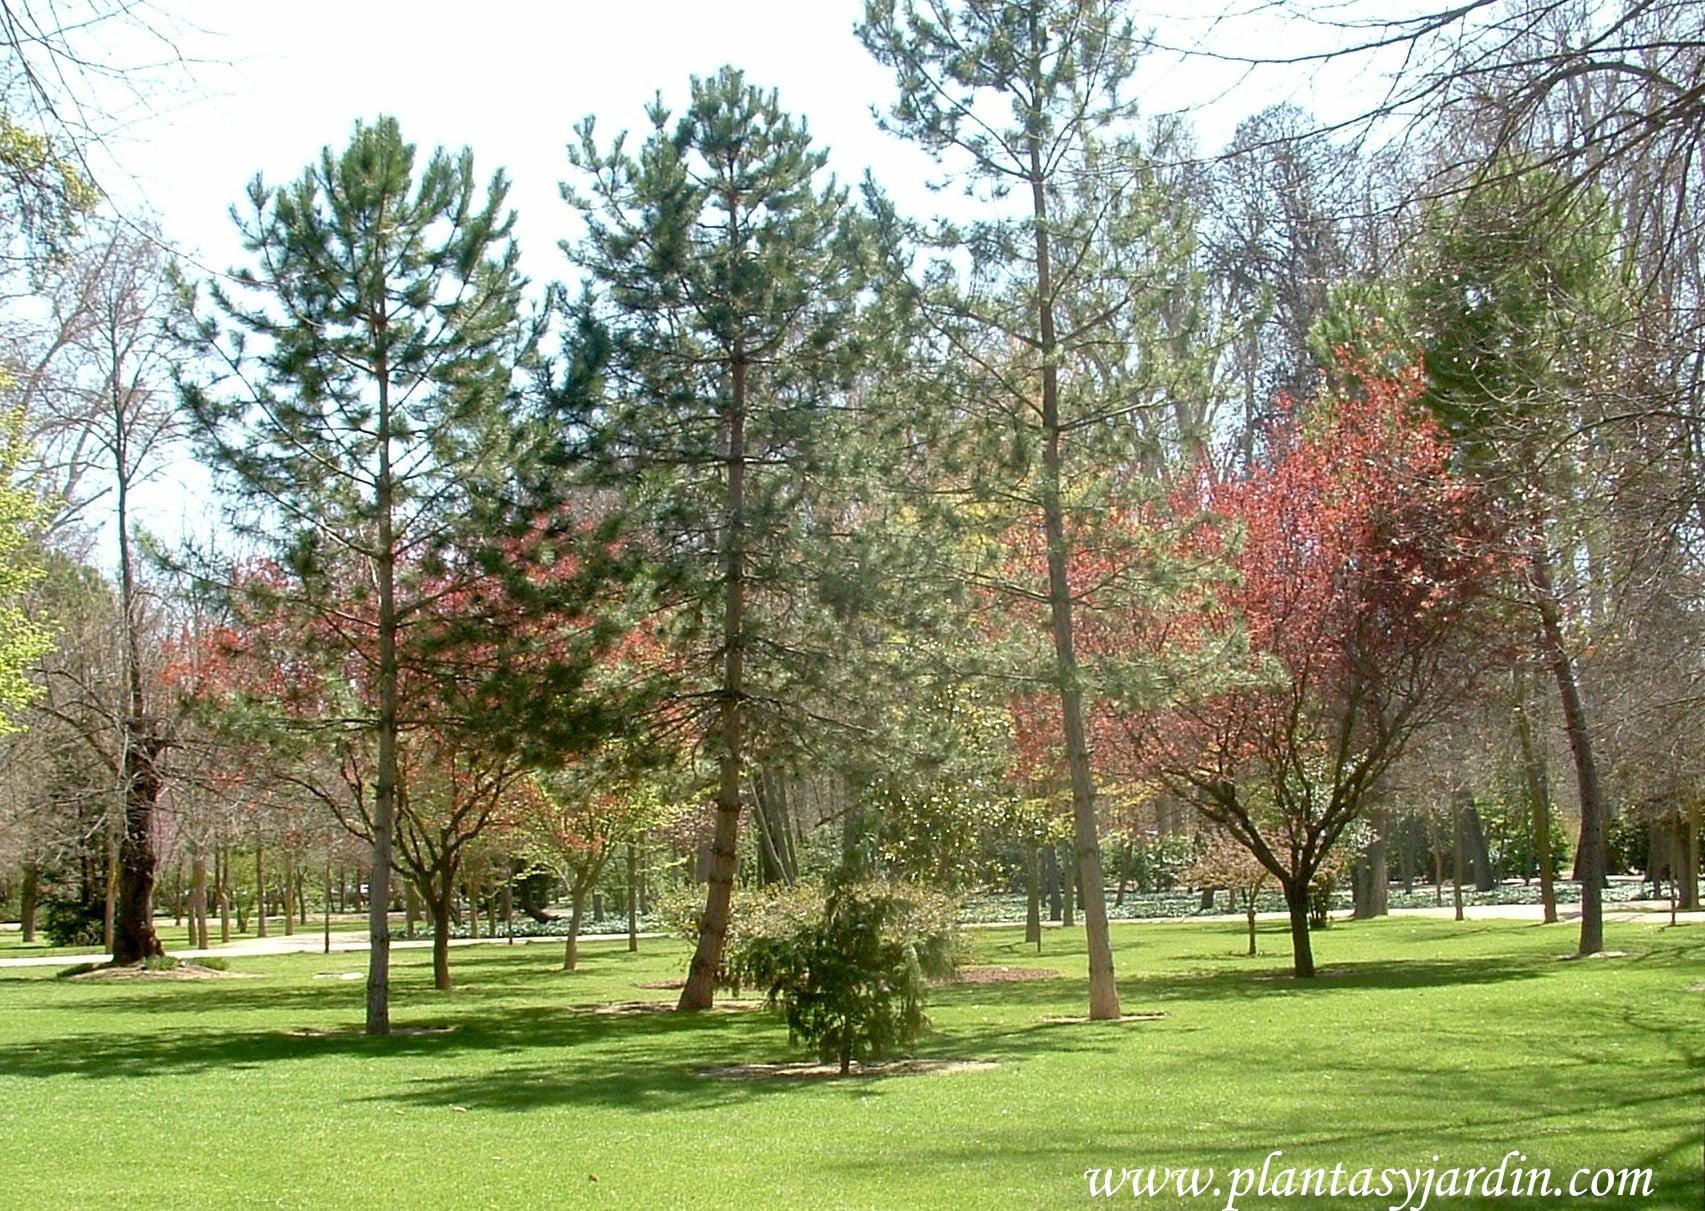 Jardín del Príncipe en los Jardines Reales de Aranjuez-Madrid.